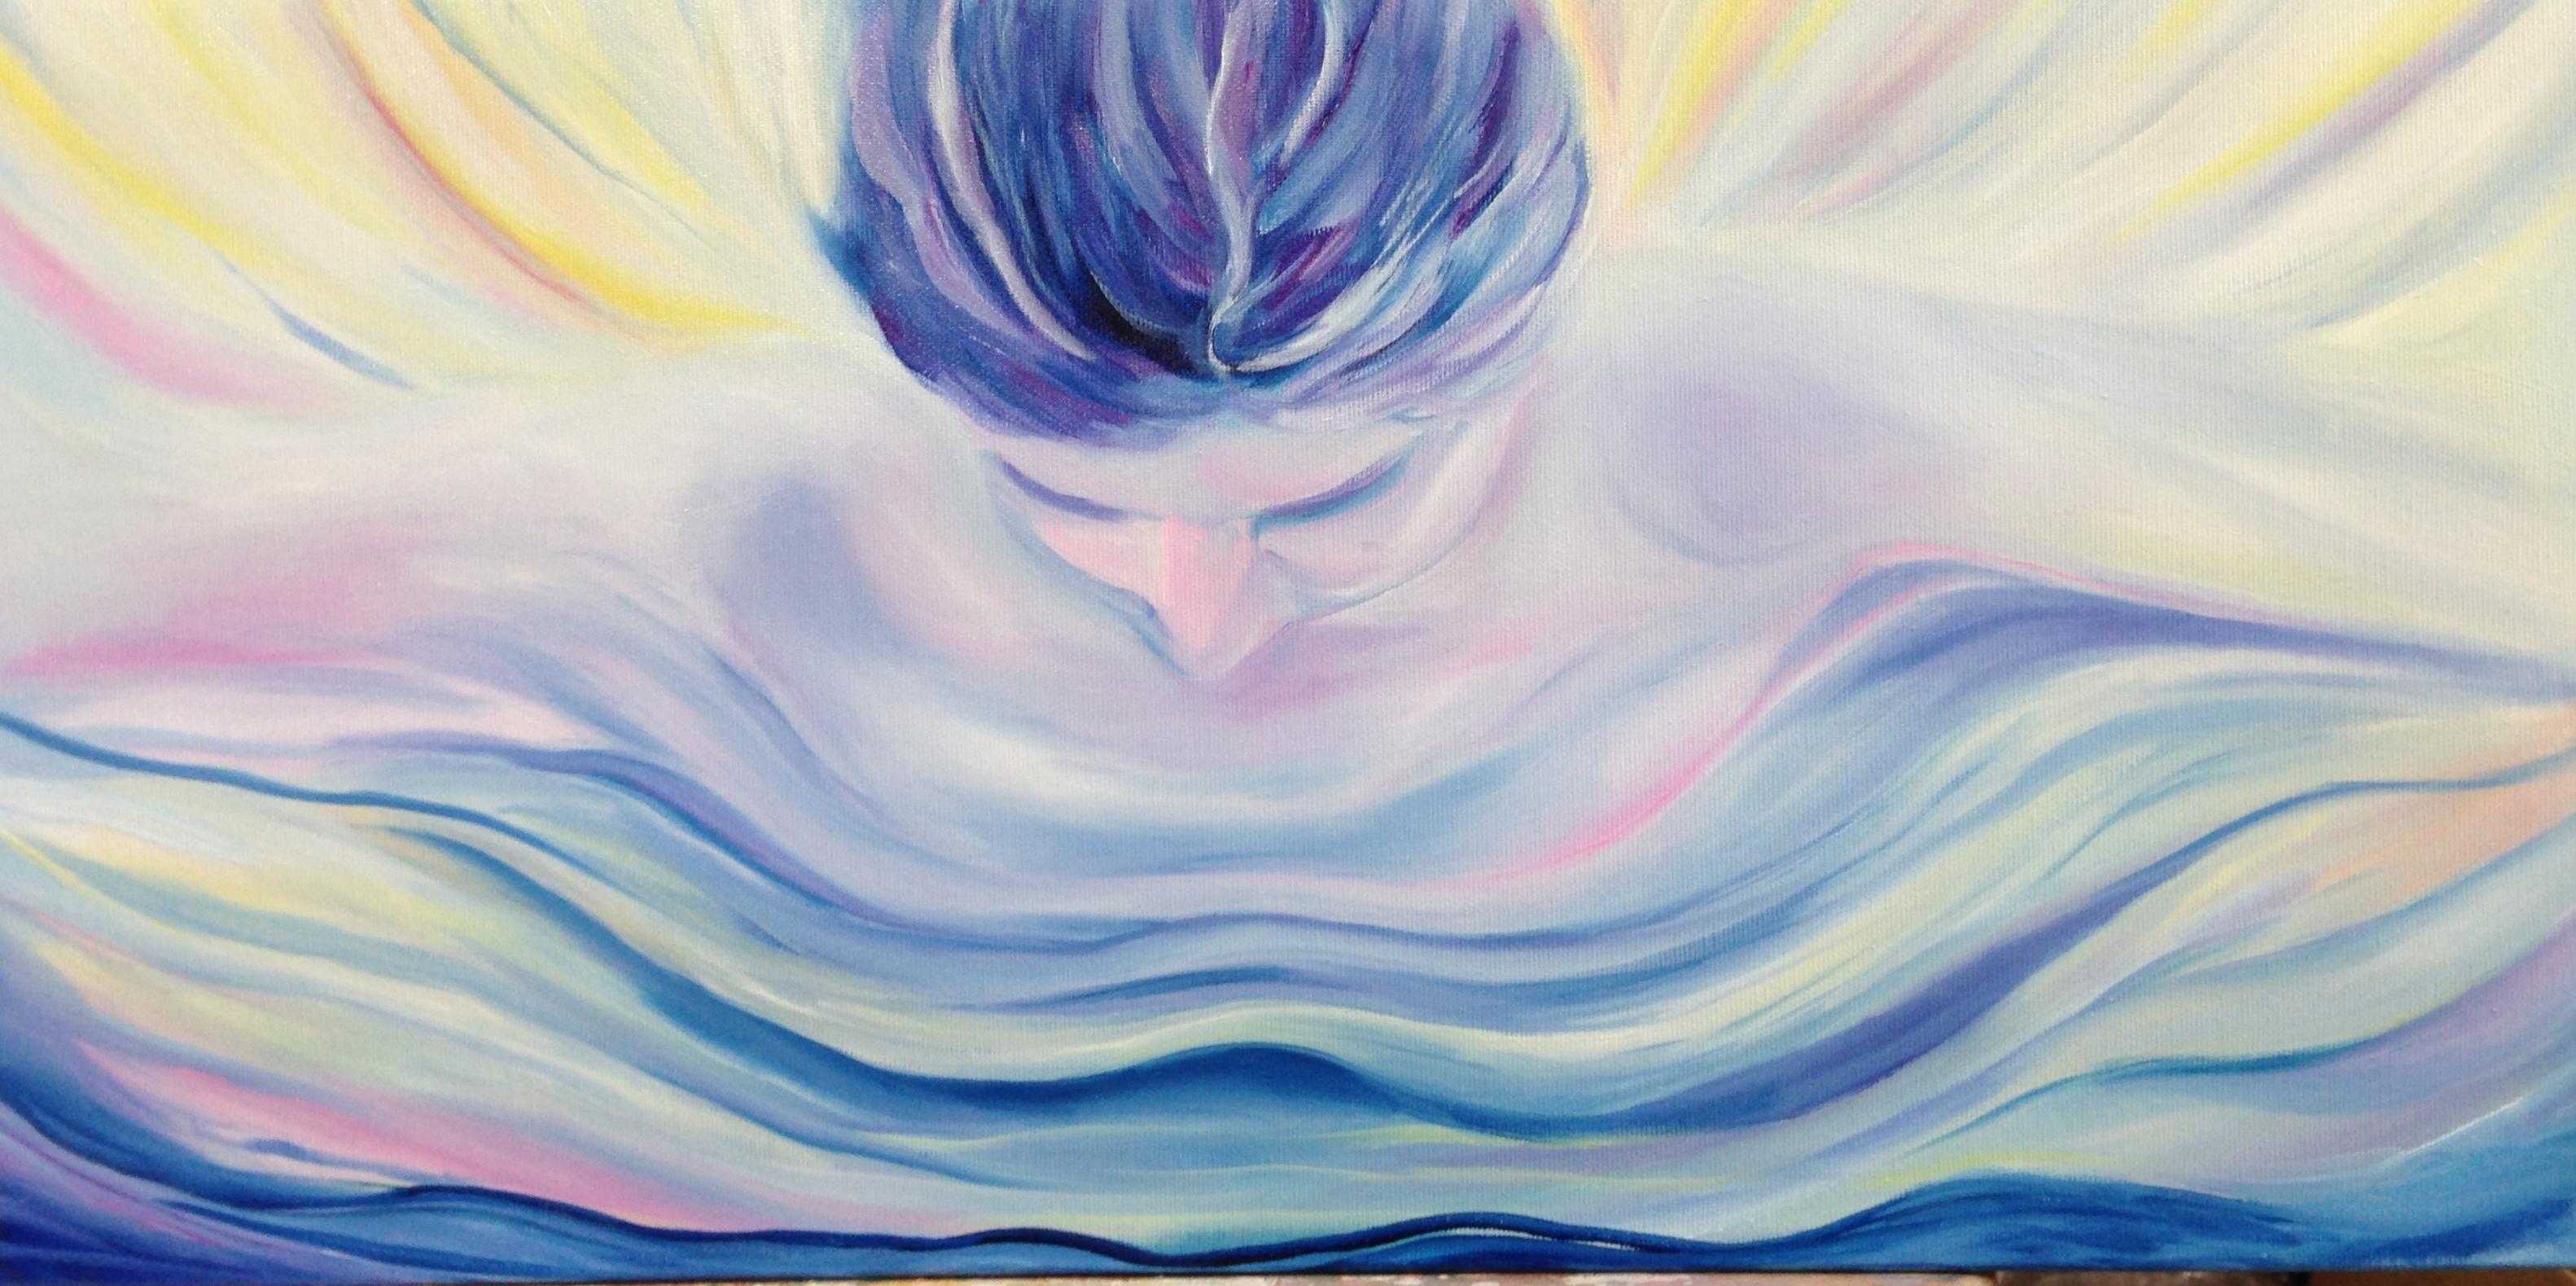 Wings #2 By Nurit Barak Kachtan